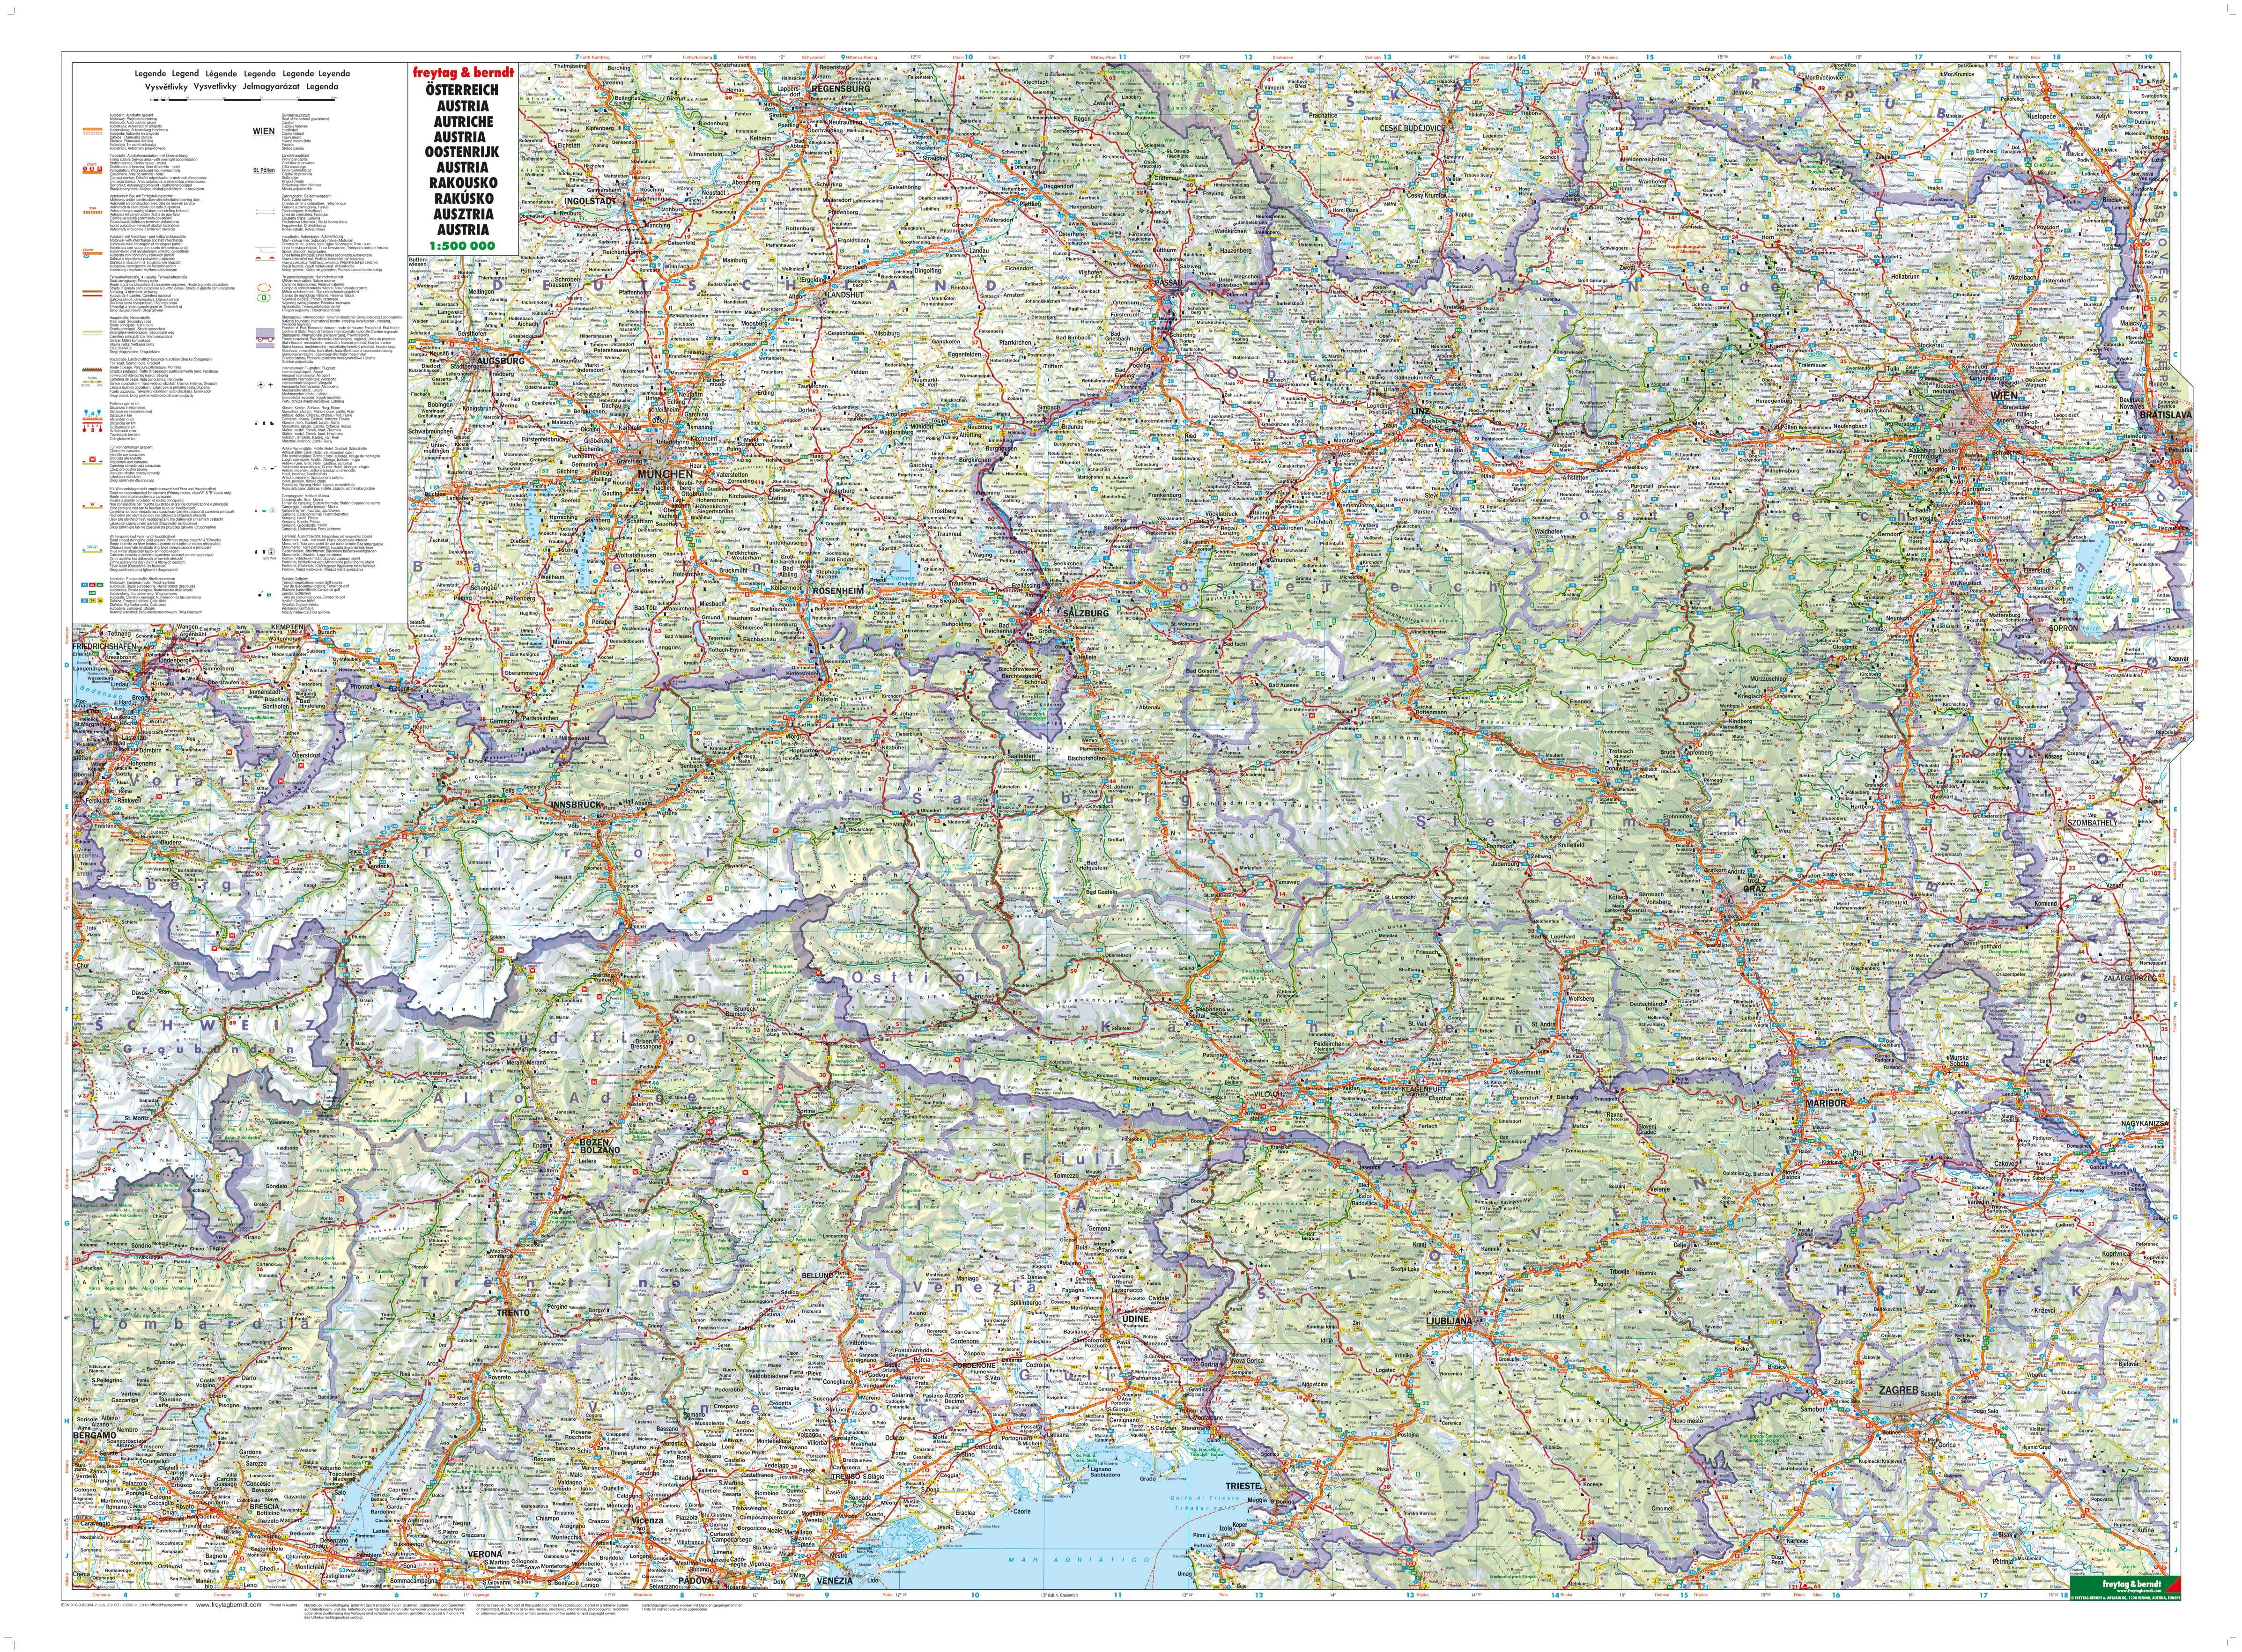 Vejkort Over Ostrig 116 X 83cm Vesteuropa Lande Europa Vaegkort